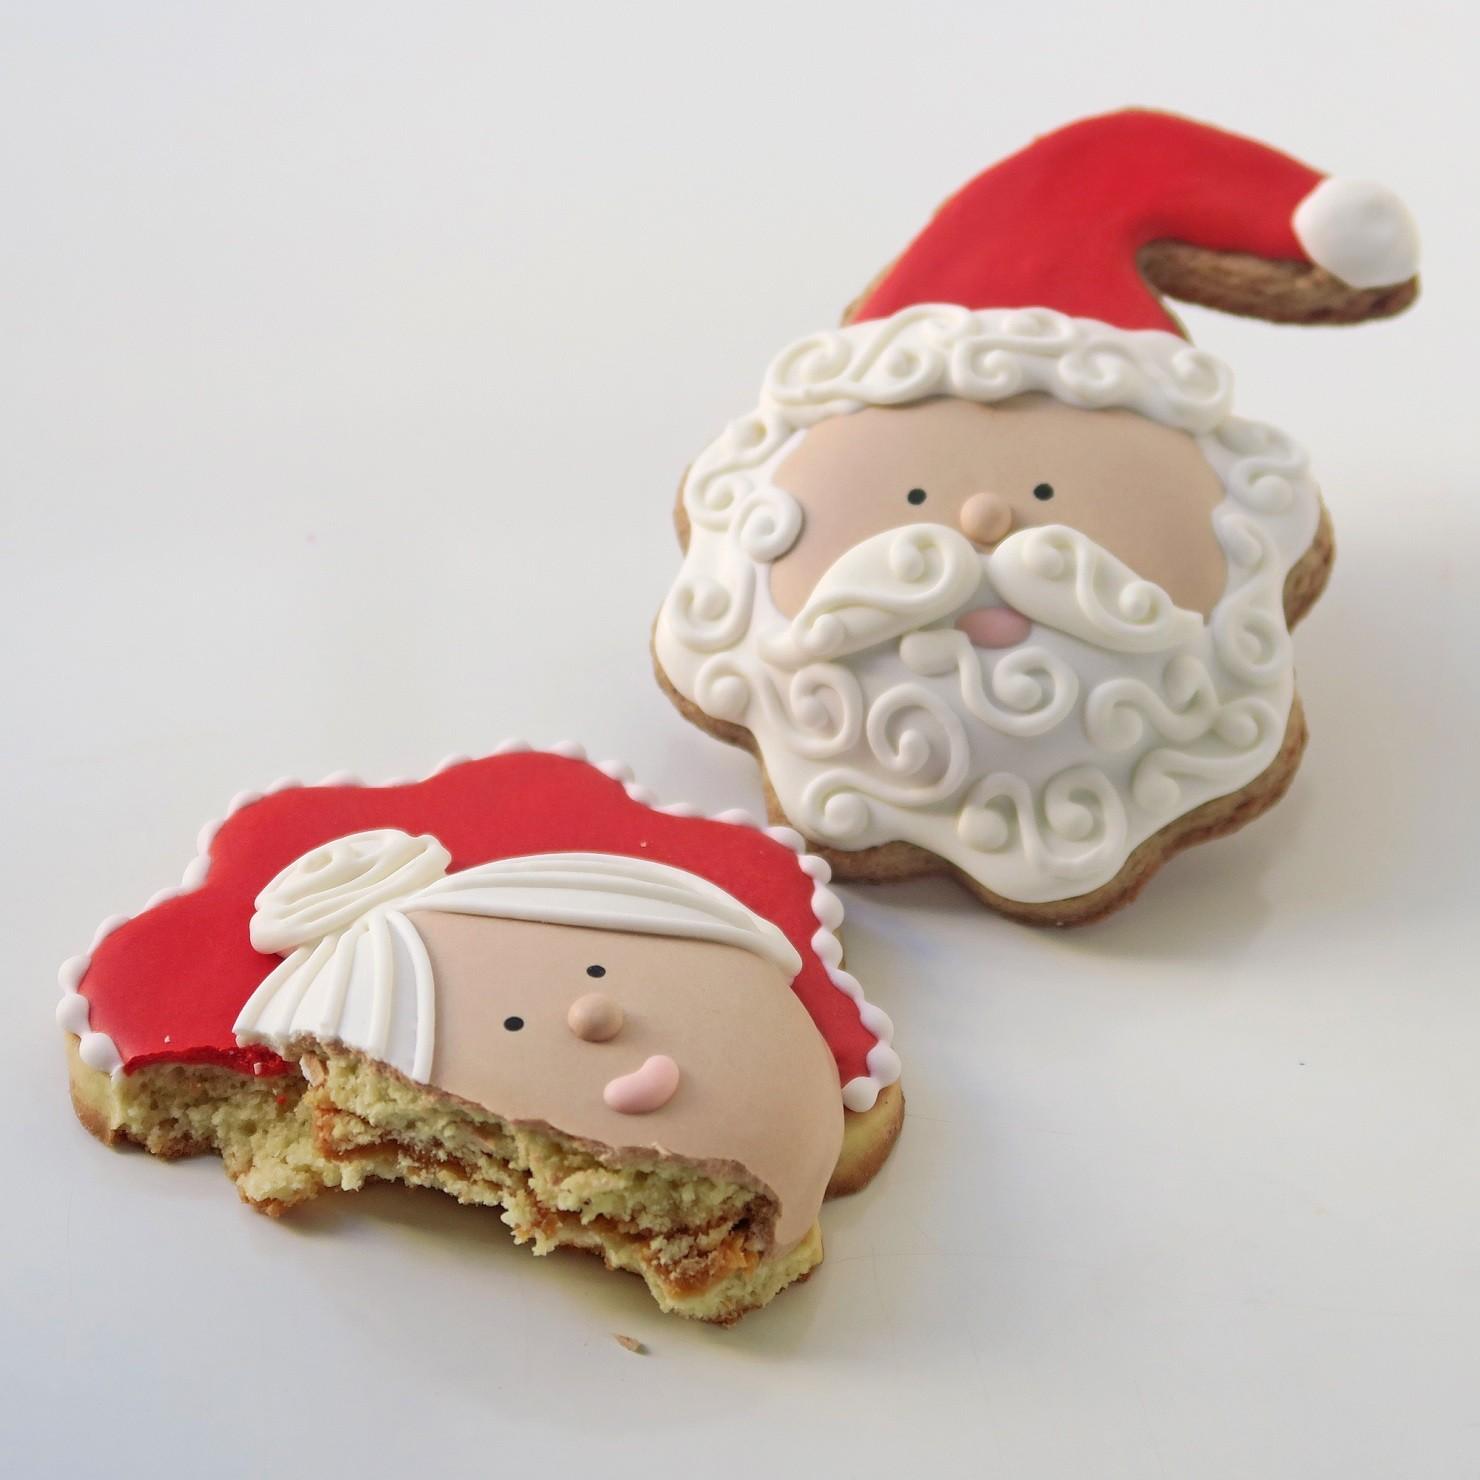 Curso Biscoitos Decorados: Natalinos com Relevo e Recheio Invisível